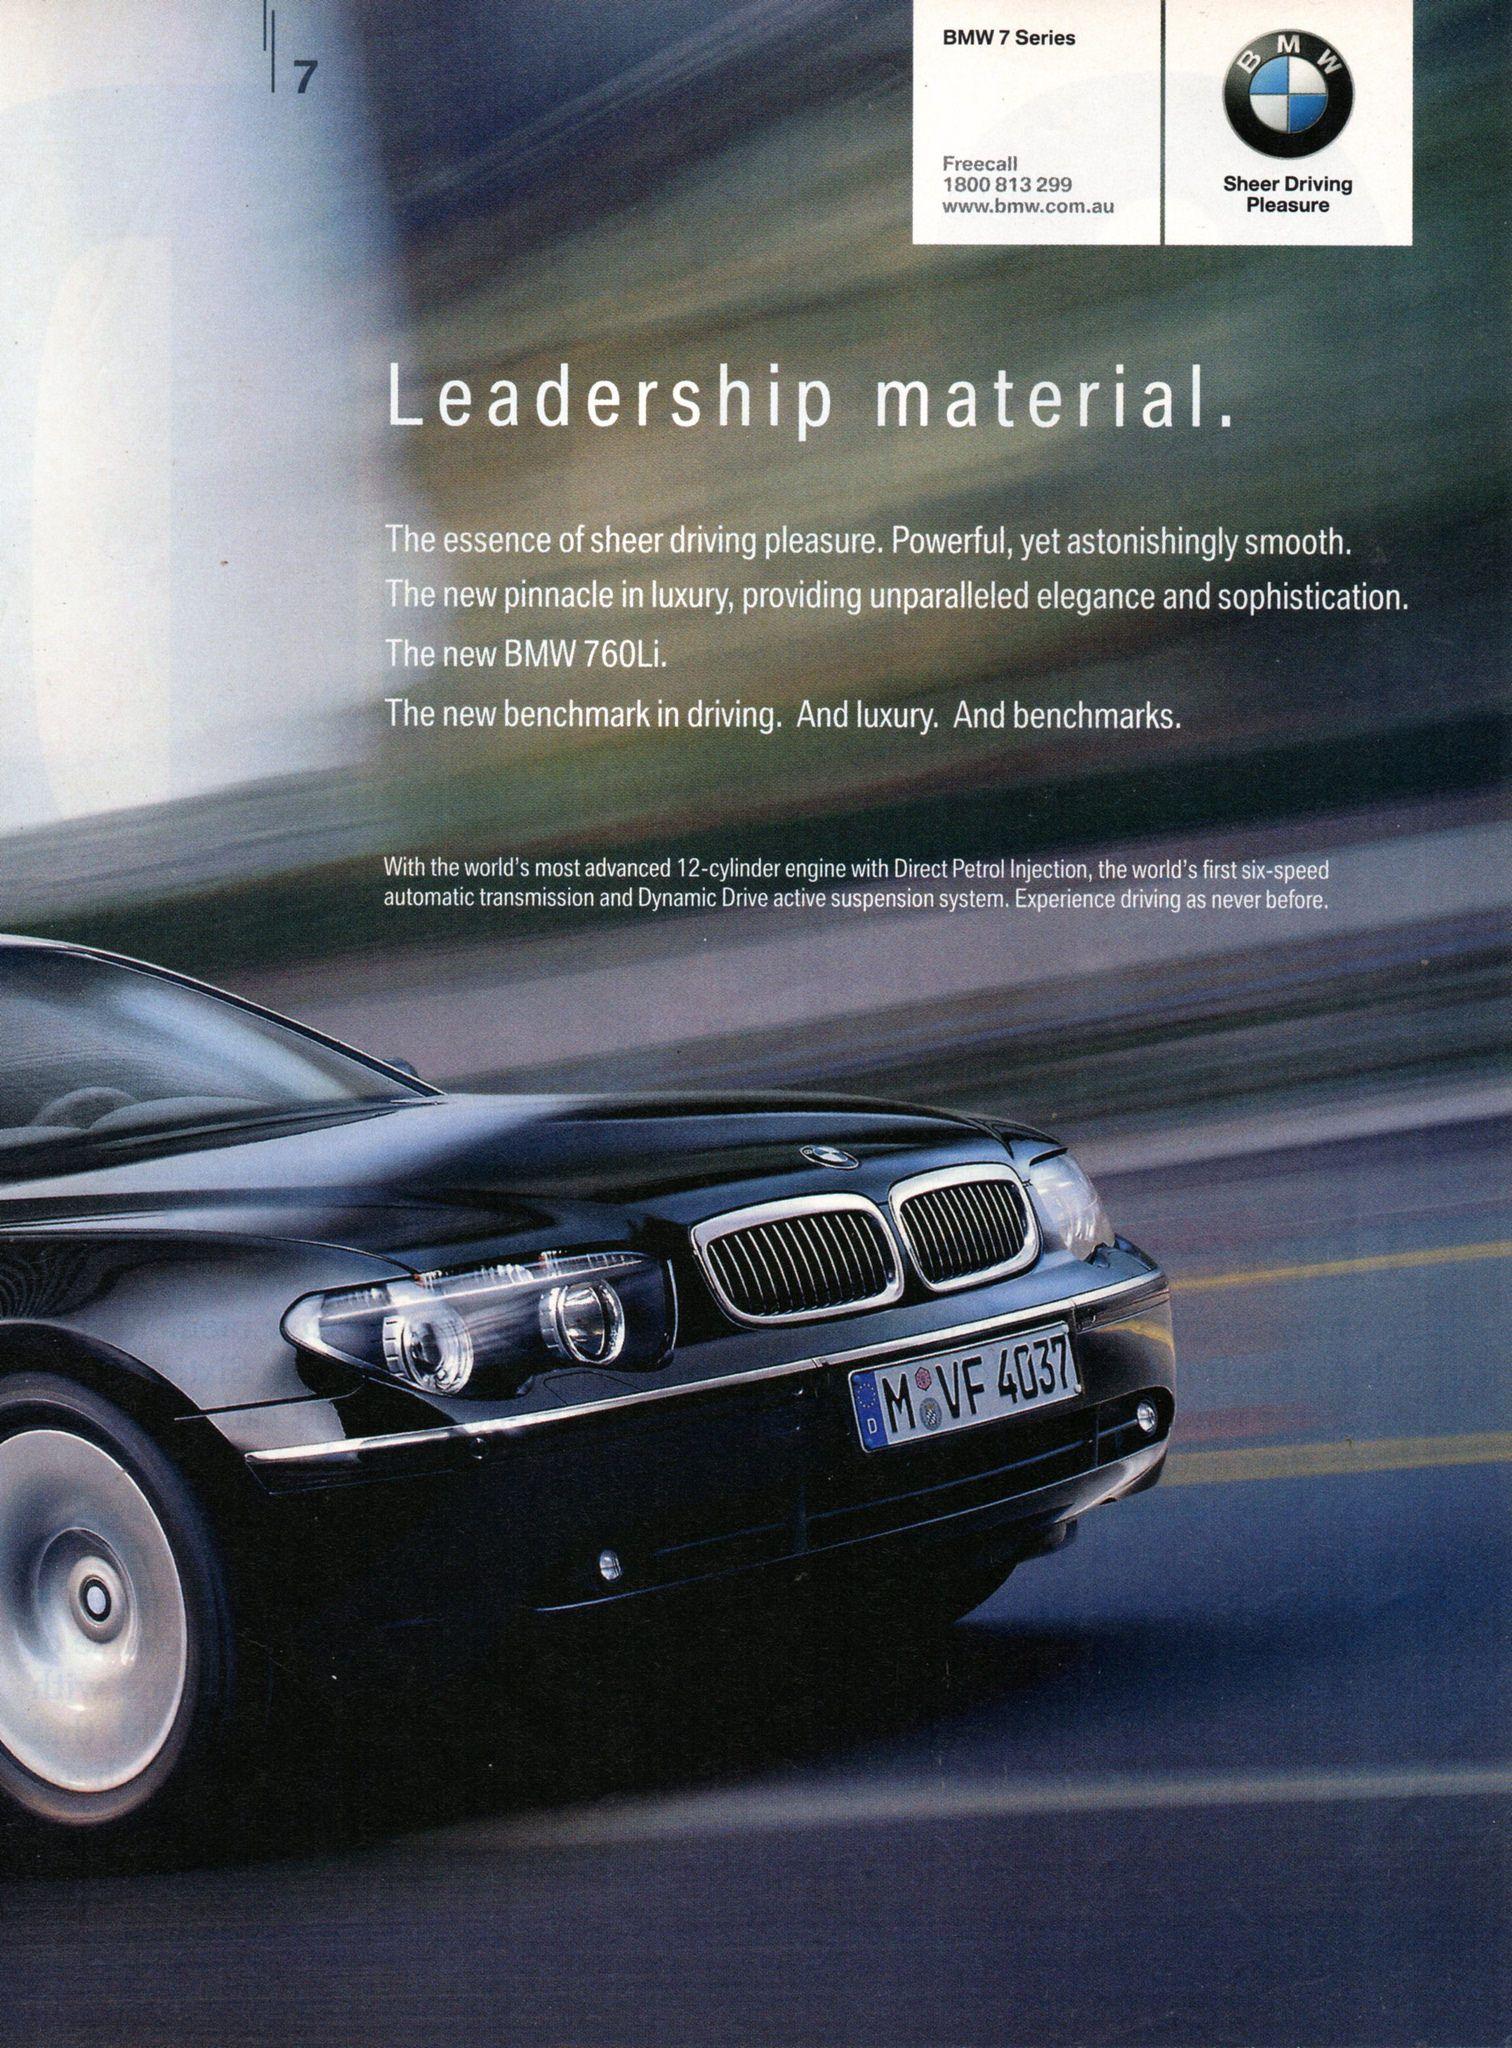 2003 Bmw 760li 12 Cylinder Sedan Page 2 Aussie Original Magazine Advertisement Bmw Car Advertising New Bmw